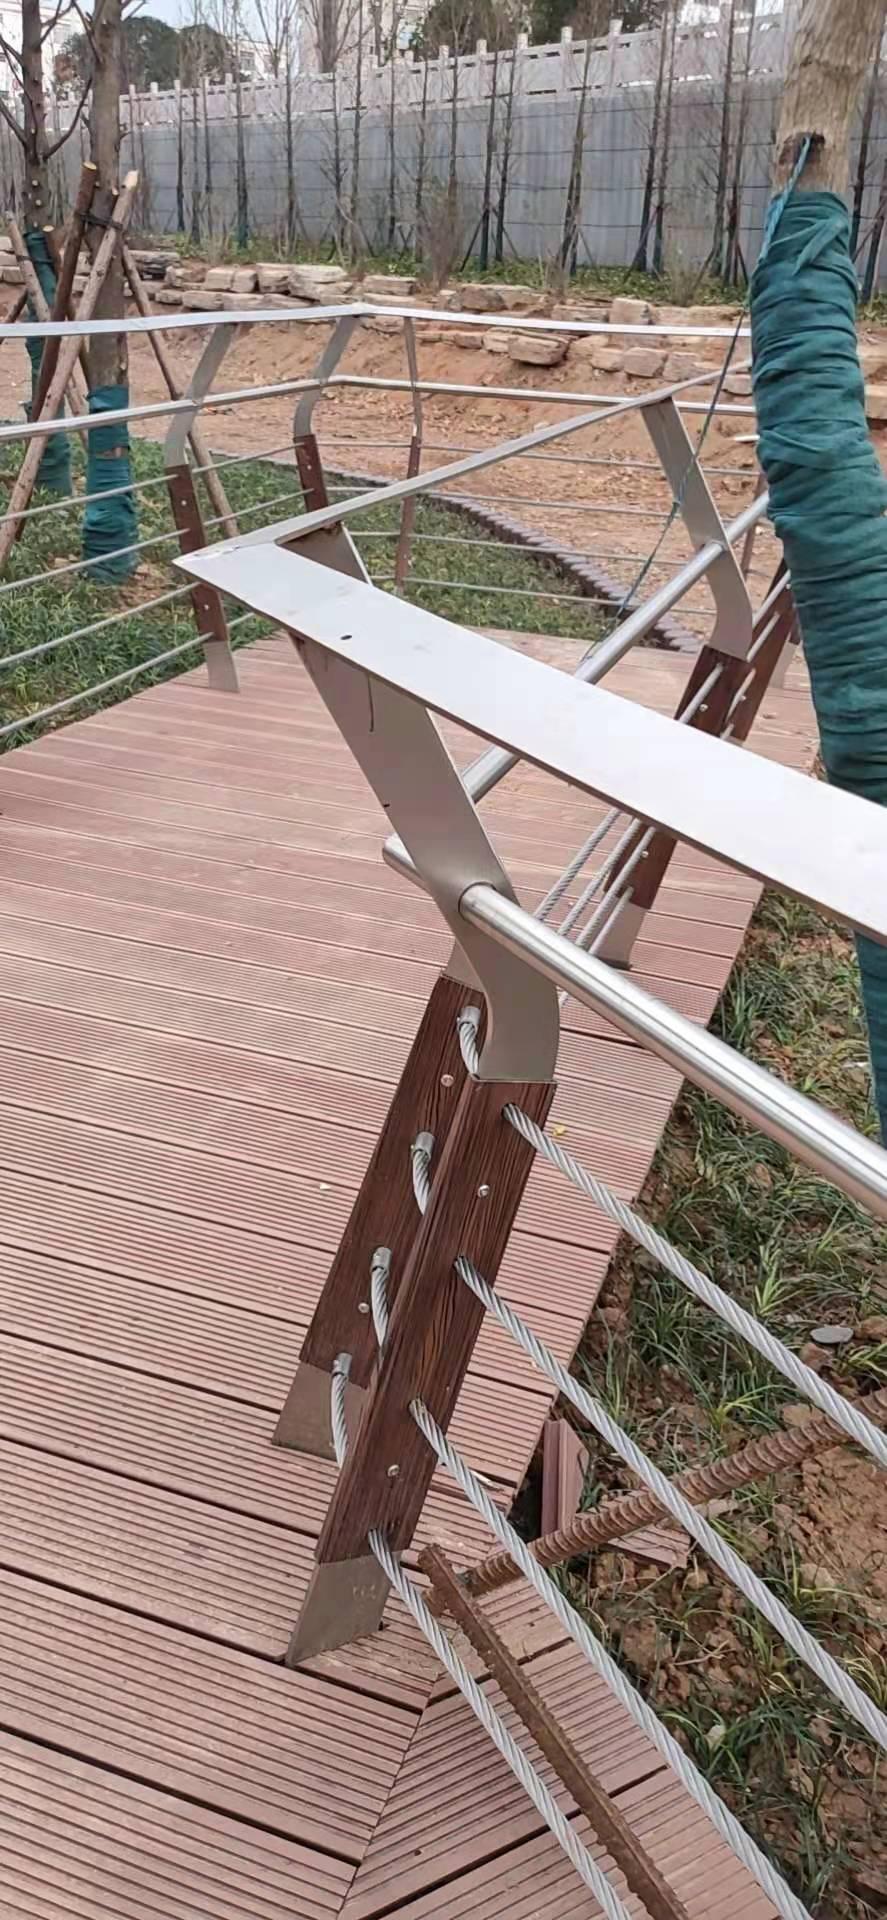 河北省廊坊市防撞橋梁欄桿加工定制